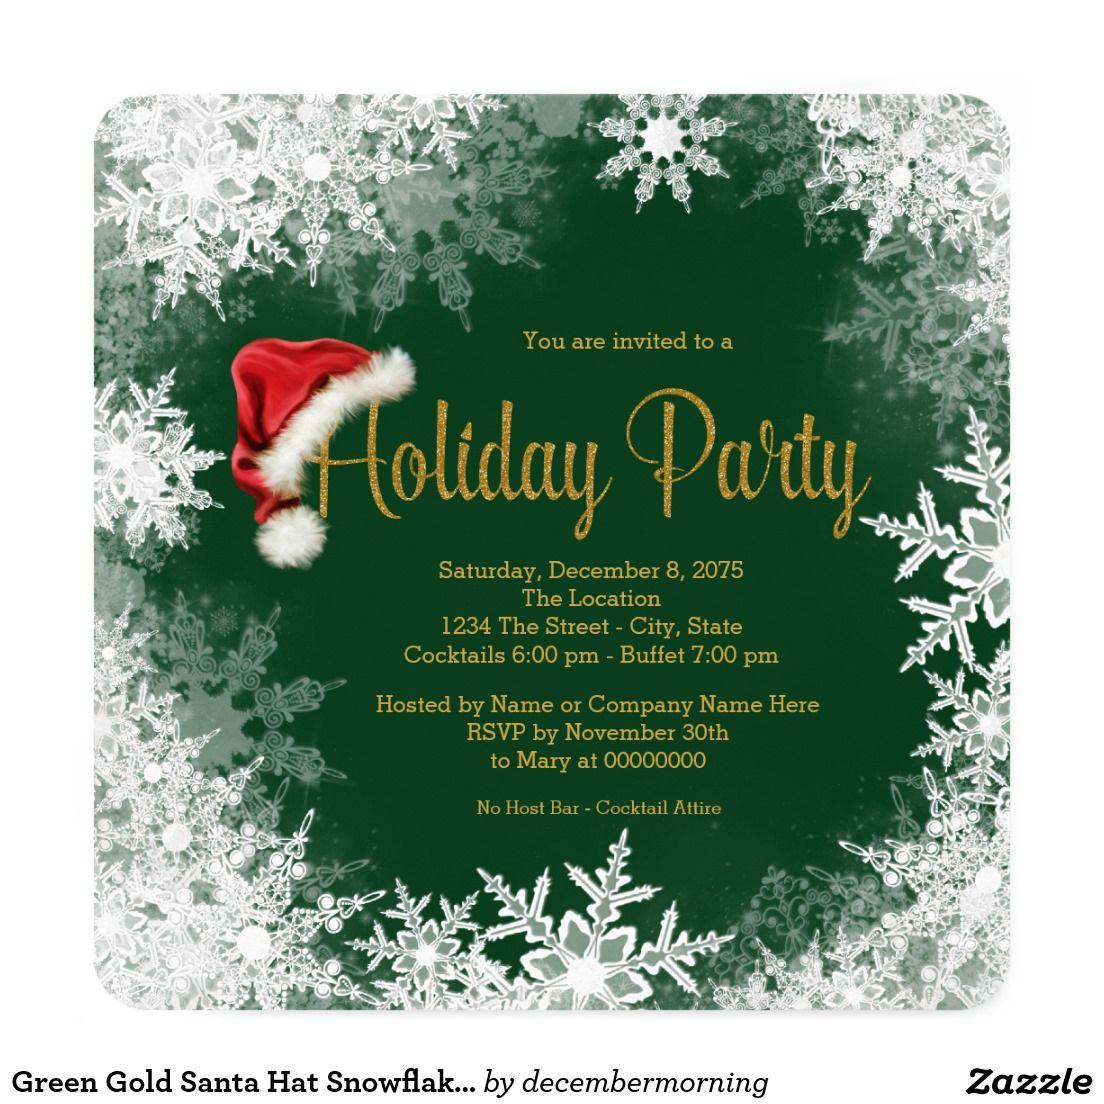 Green Gold Santa Hat Snowflake Holiday Party Card   Santa hat, Santa ...